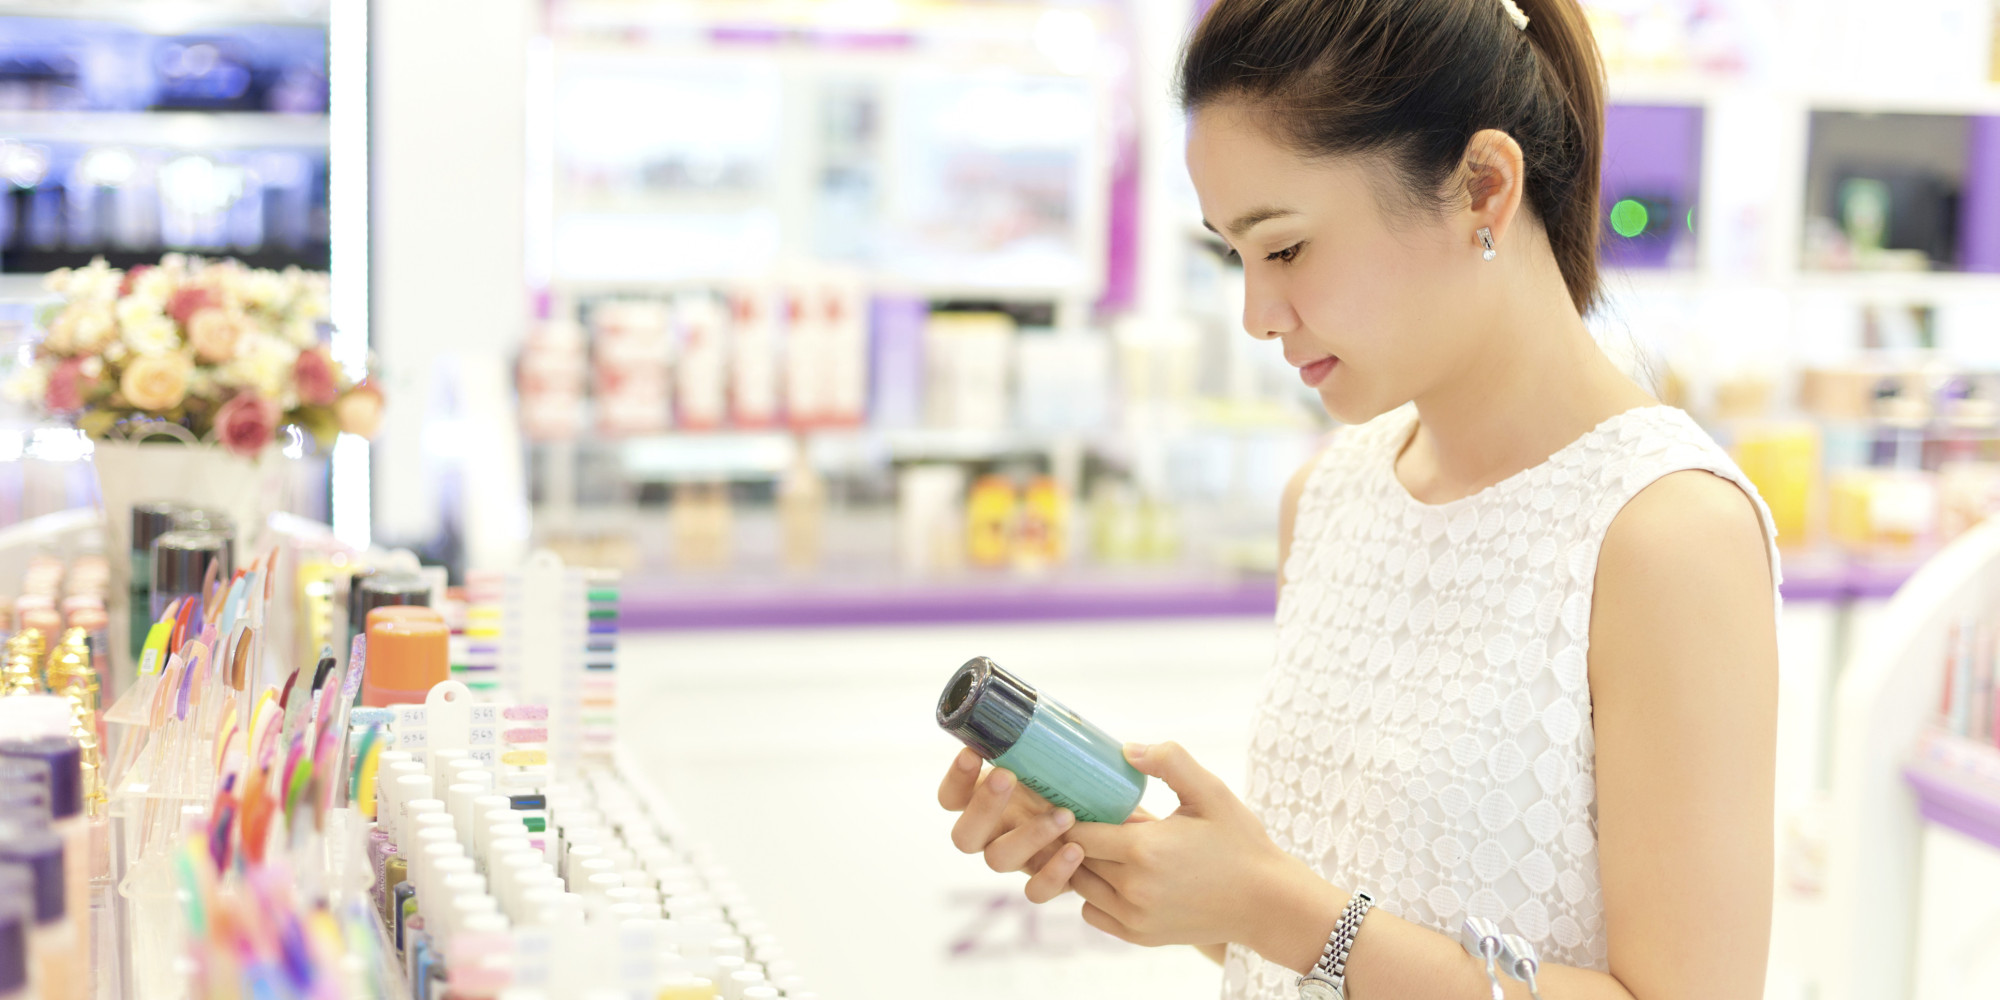 Kozmetik Ürünlerin Zararları Ve Korunma Yolları